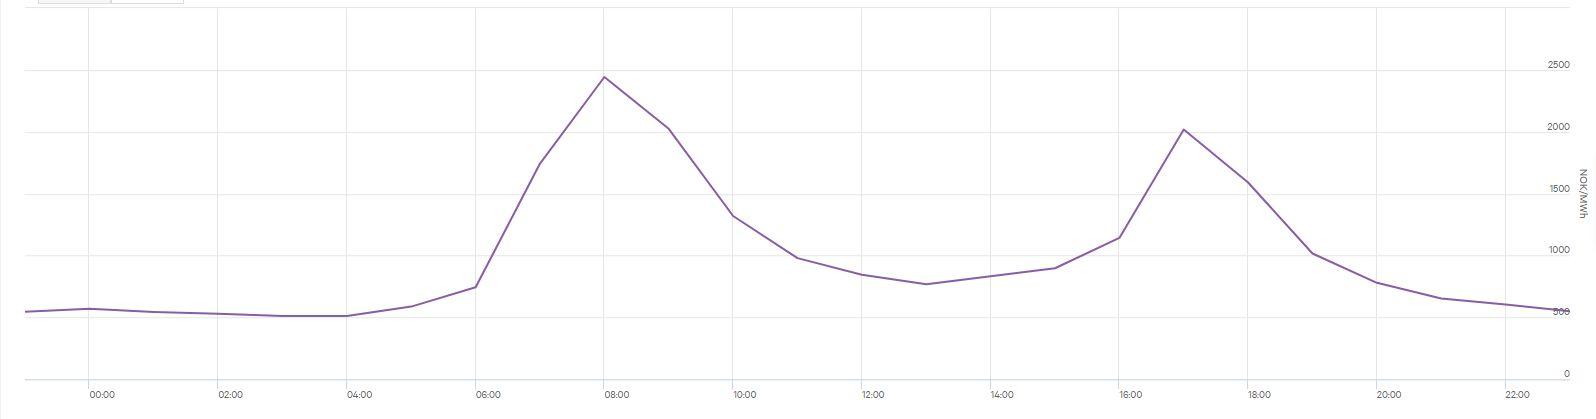 Strømprisen 11. februar var generelt høy, men enkelte tider på døgnet er betydelig verre enn andre.